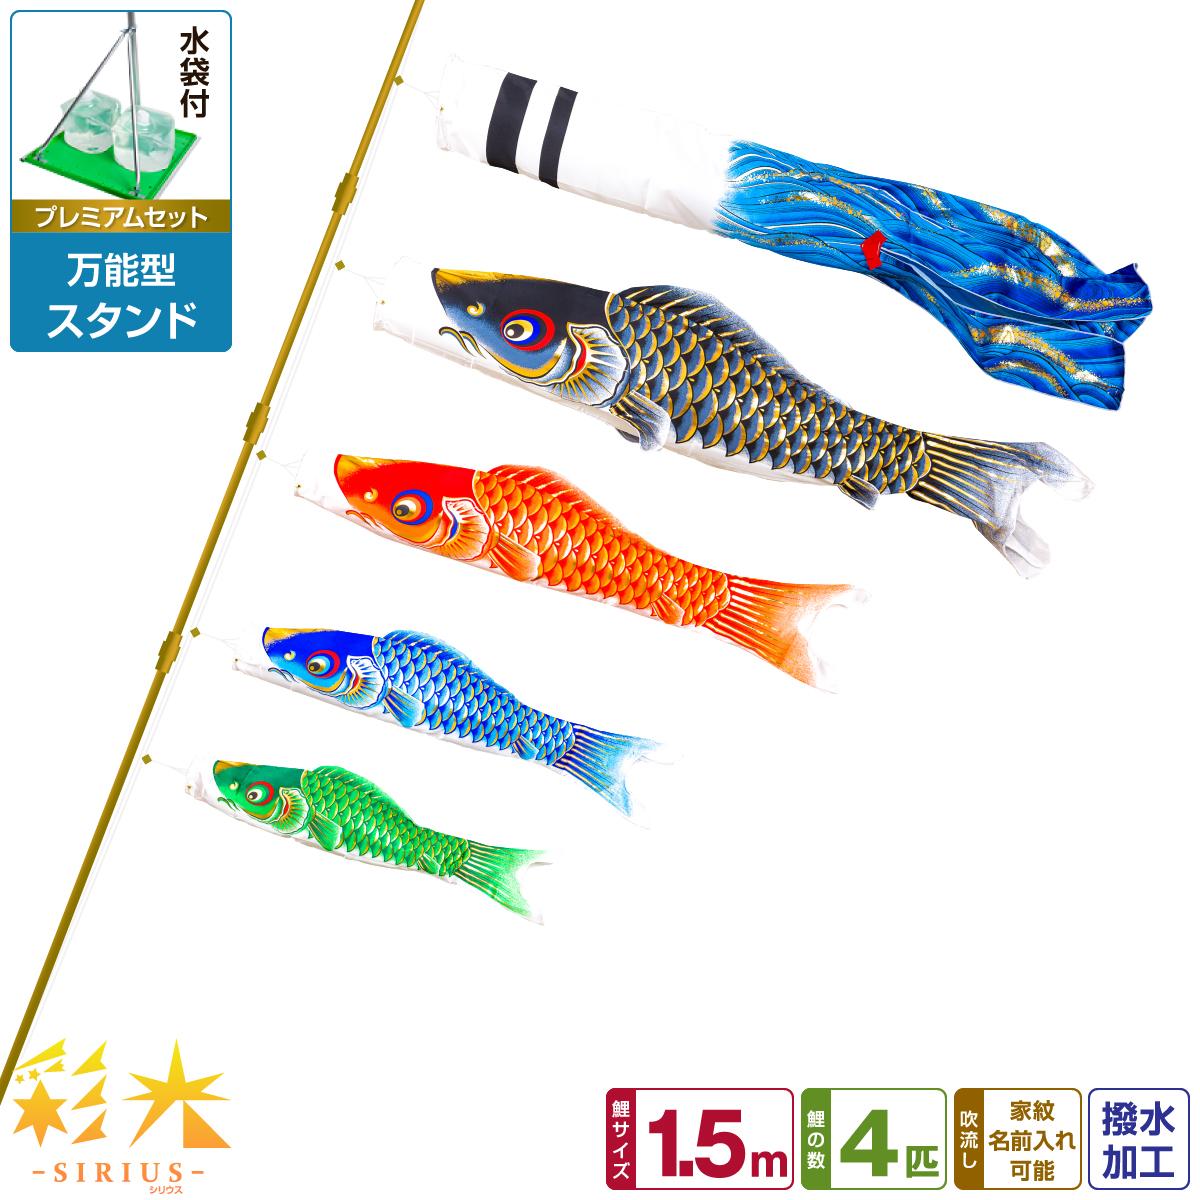 ベランダ用 こいのぼり 鯉のぼり SIRIUS/彩光鯉 1.5m 7点(吹流し+鯉4匹+矢車+ロープ)/プレミアムセット(万能スタンド)